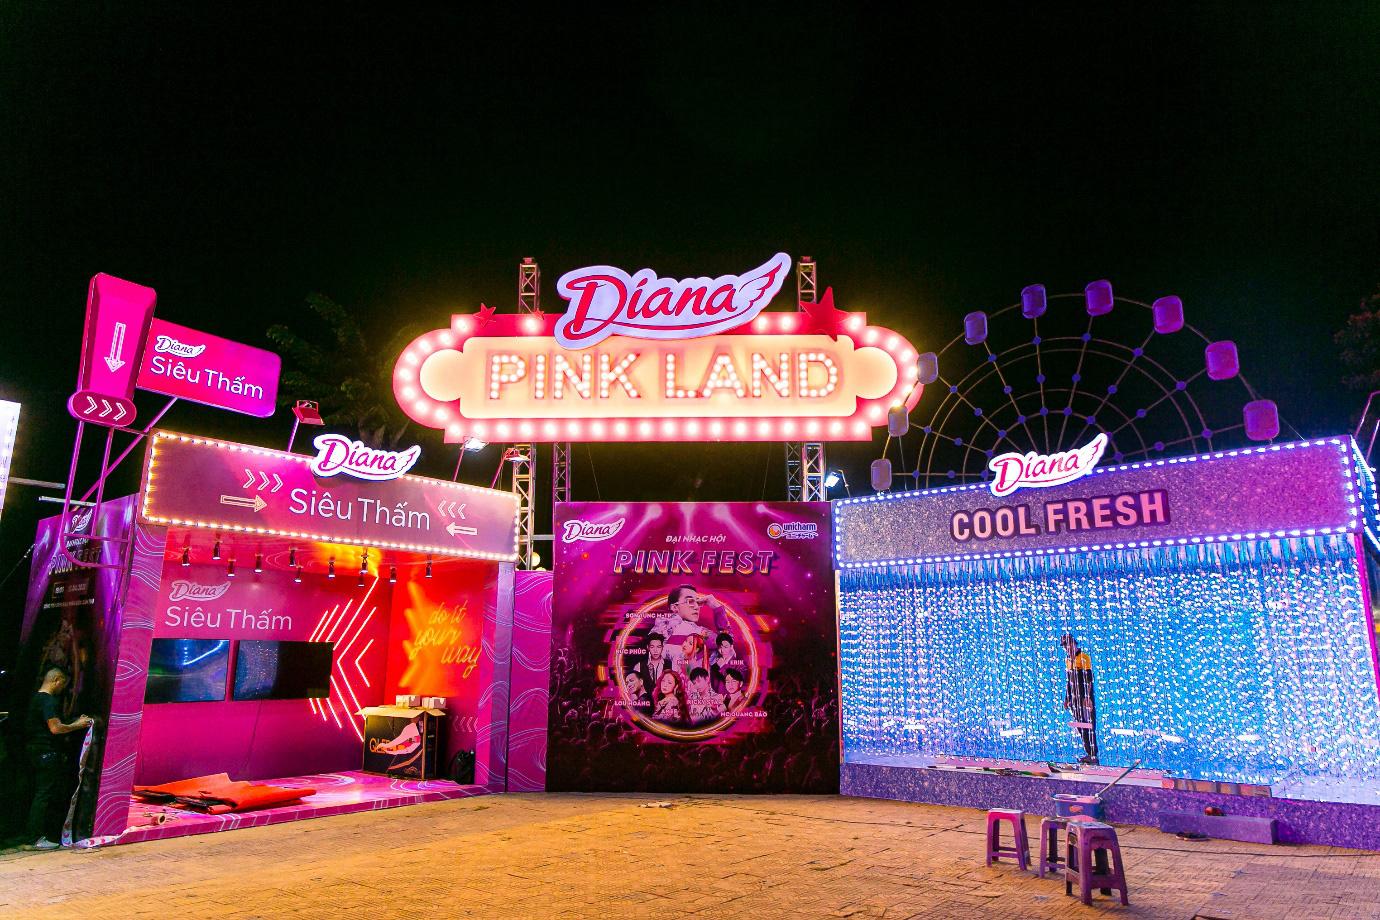 """Bên cạnh âm nhạc, Diana Pink Fest còn bao gồm chuỗi các hoạt động hấp dẫn trong tinh thần """"bình thường mới"""" - Ảnh 2."""